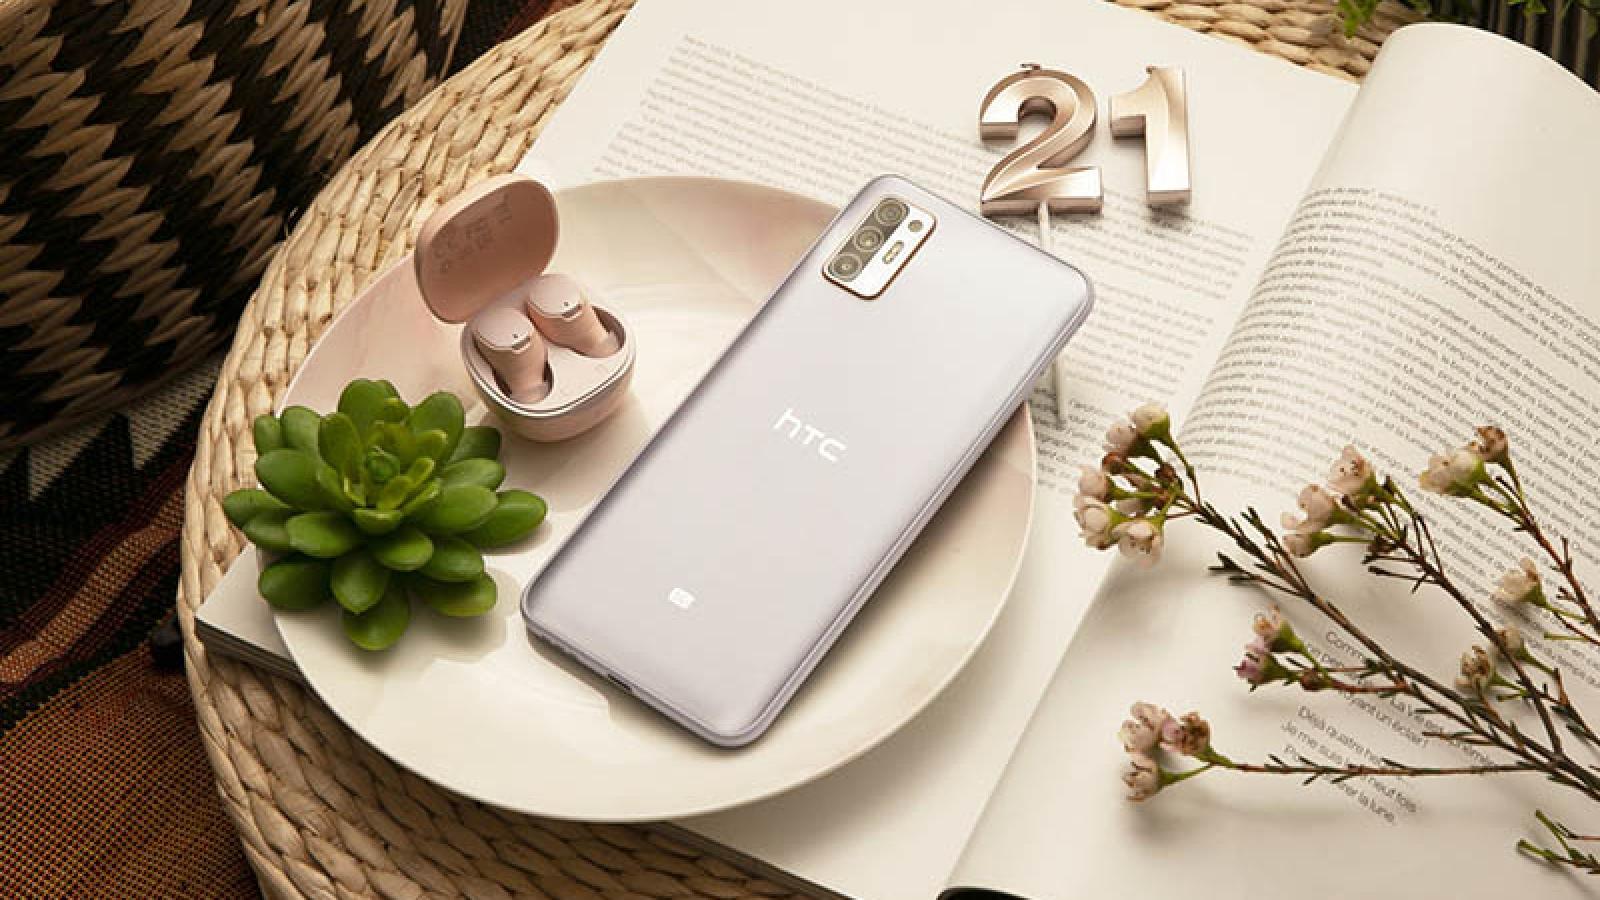 HTC bất ngờ ra mắt smartphone 5G giá chưa đến 10 triệu đồng